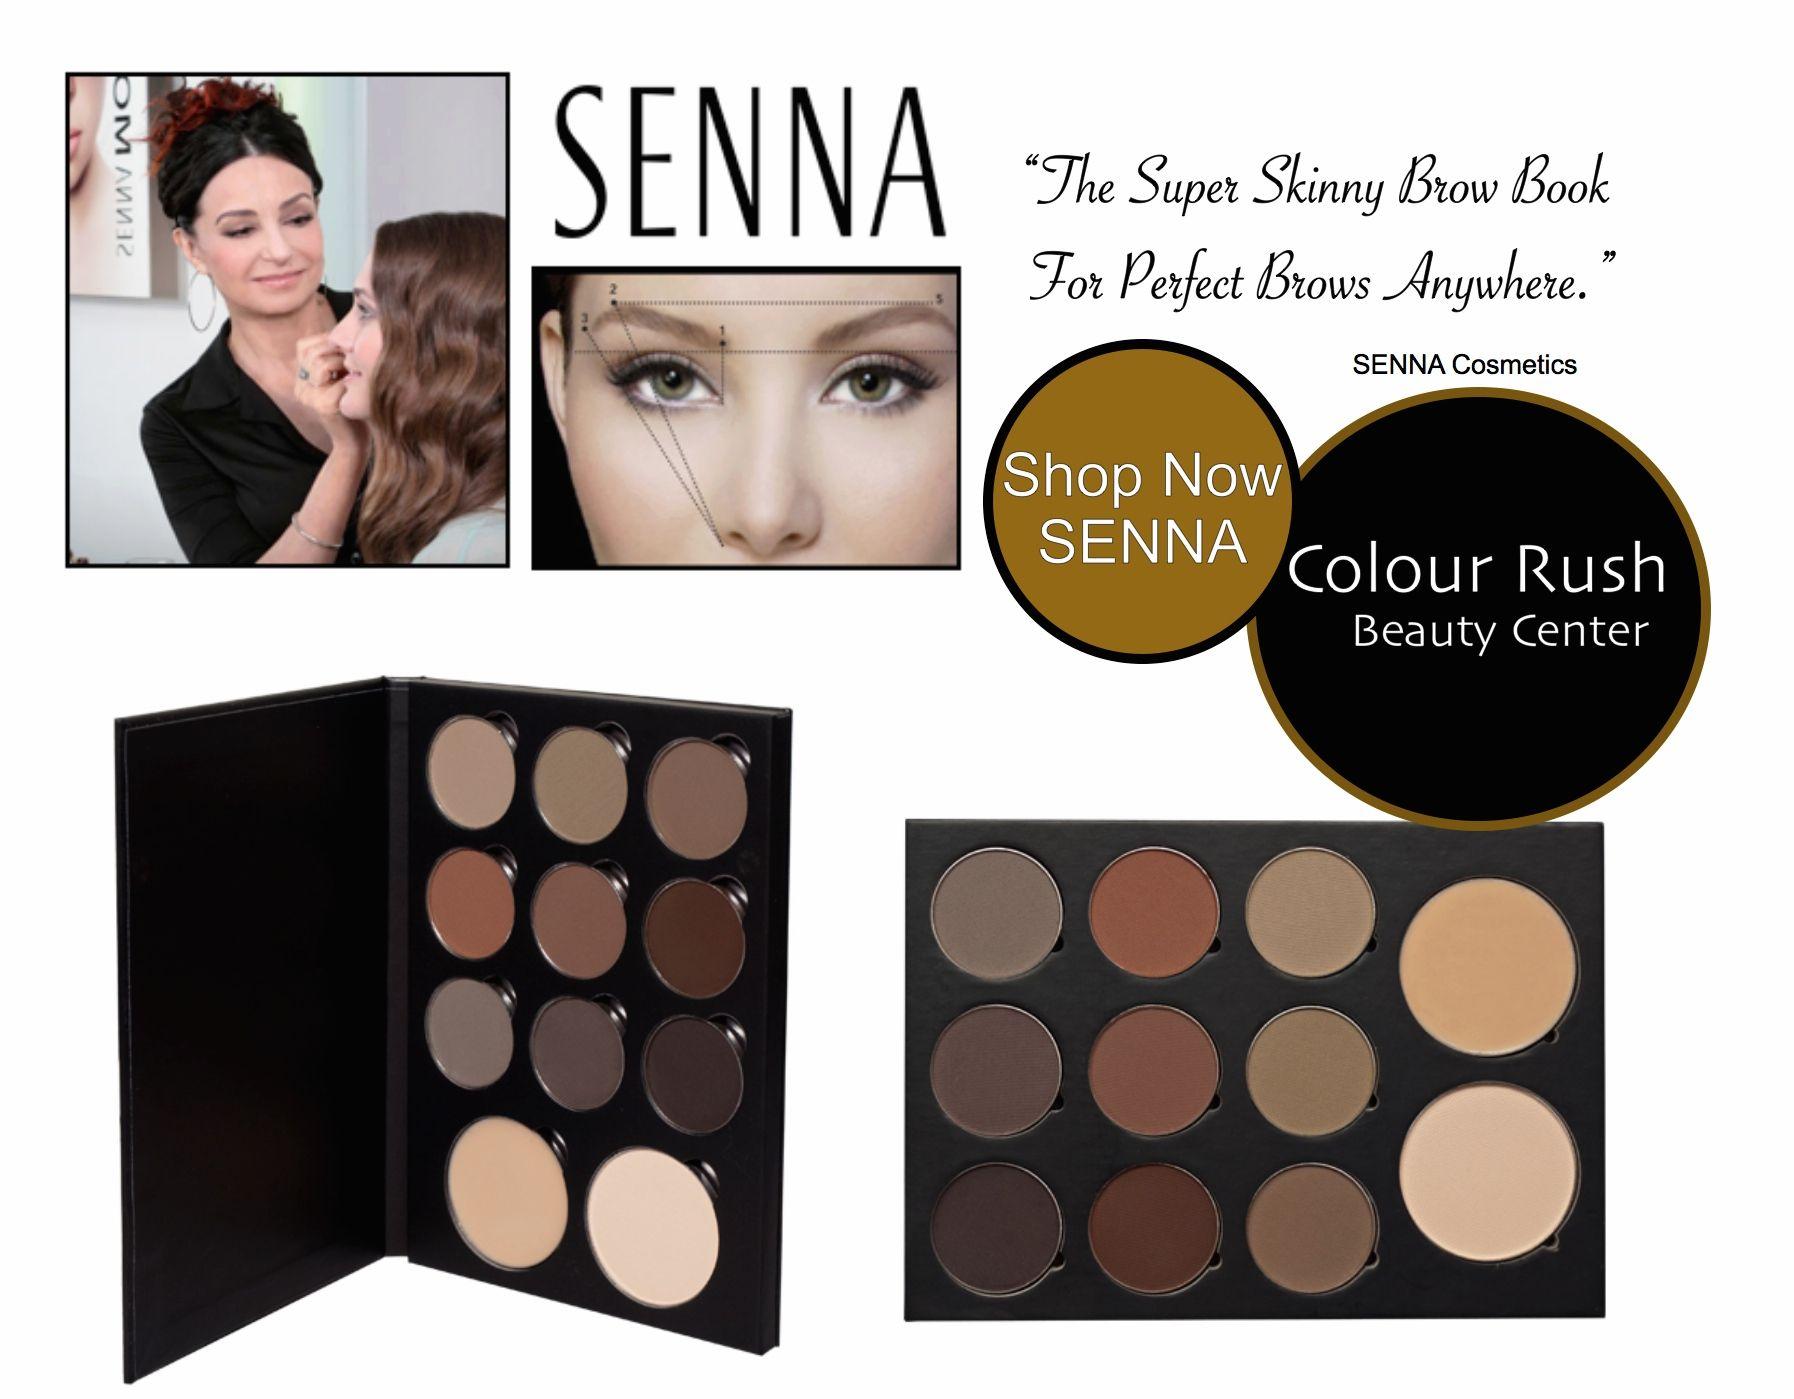 Senna Brow Book For Professional Makeup Artists Senna Cosmetics At